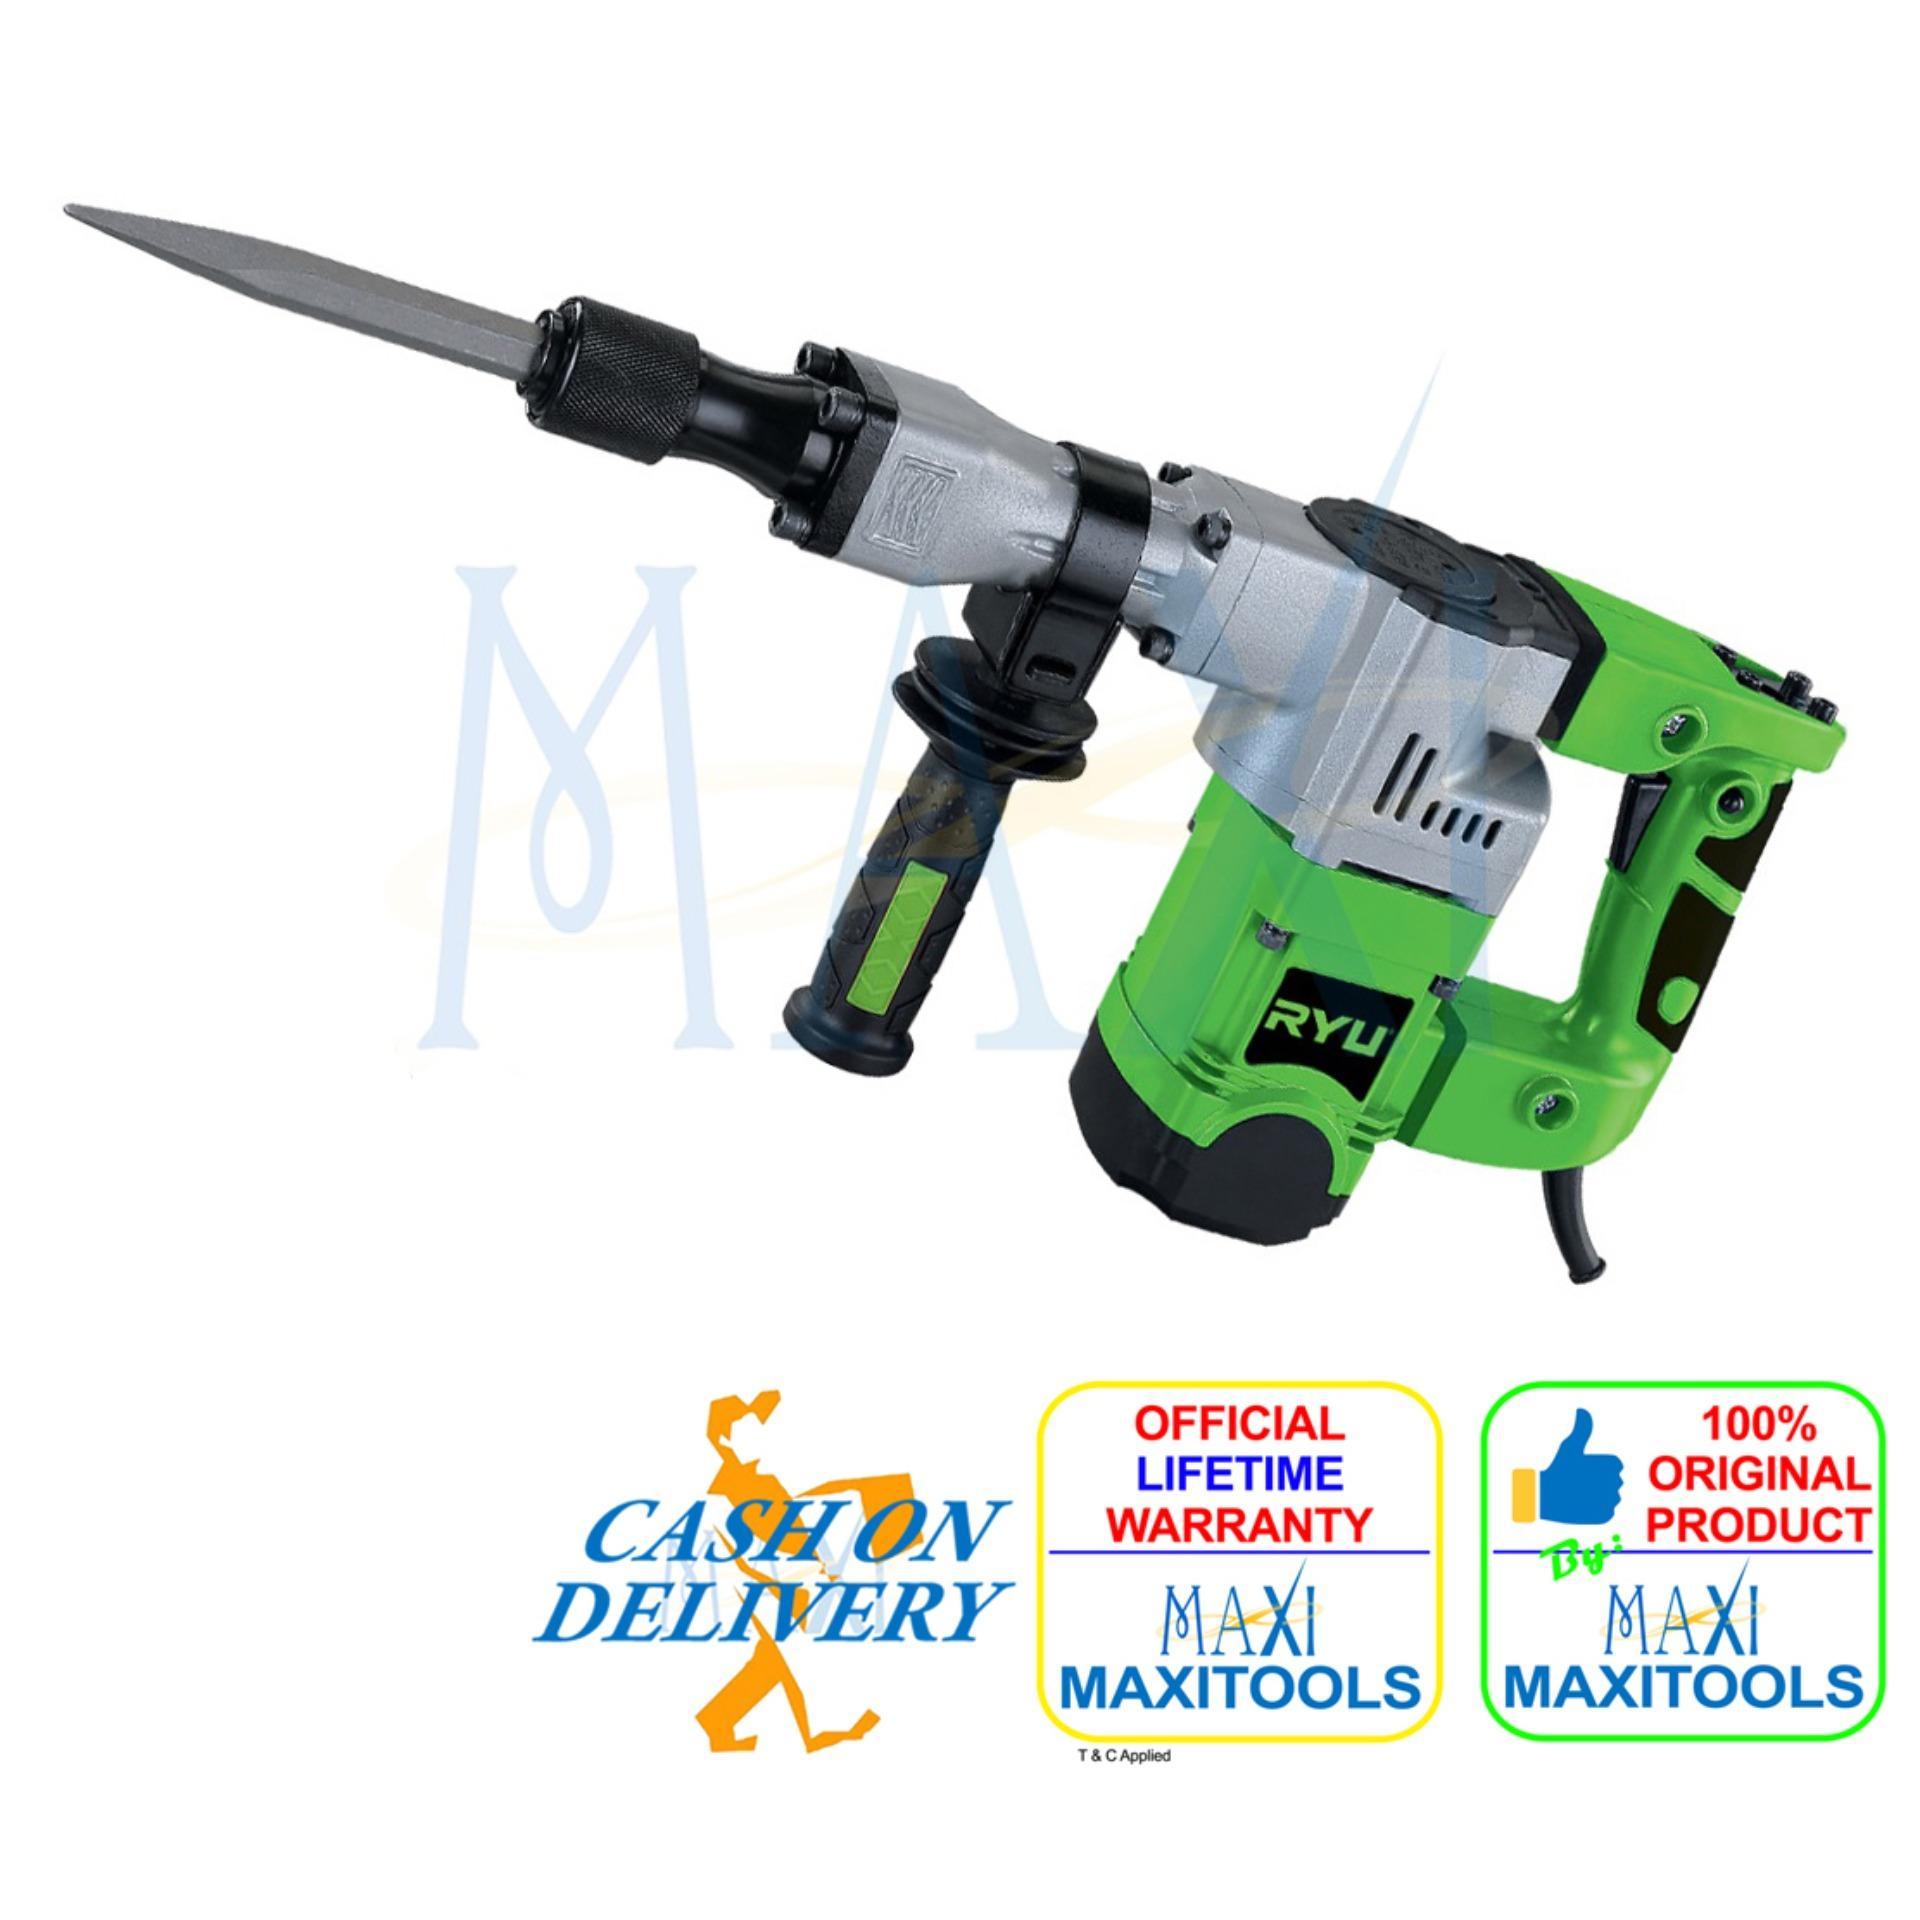 Jual Palu Elektrik Hammer Drill Mesin Bor Beton Tembok Maxitools Tekiro Ryu Demolition 15 Joule Jack